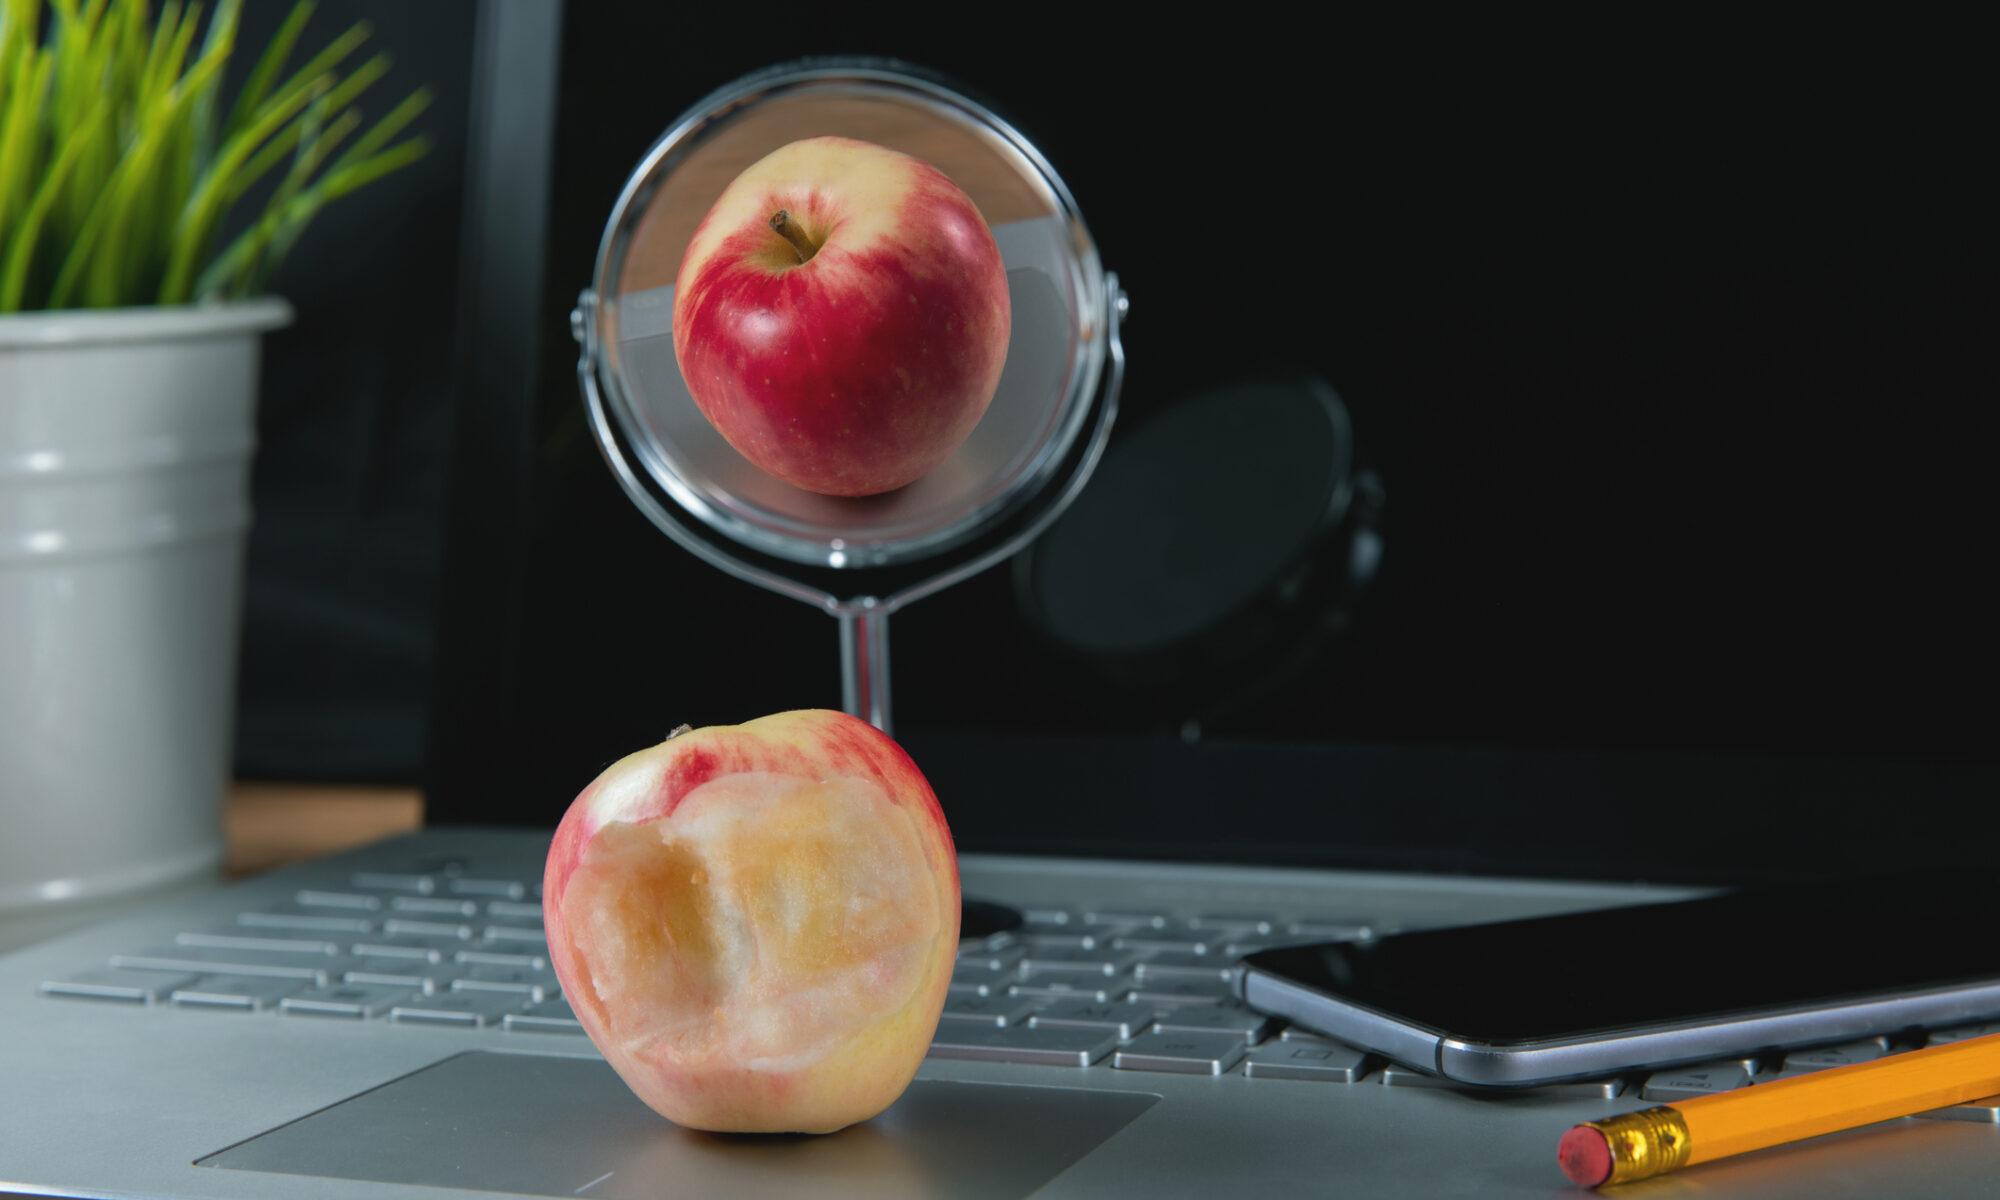 Spiegelbild zeigt einen Apfel schöner als er ist